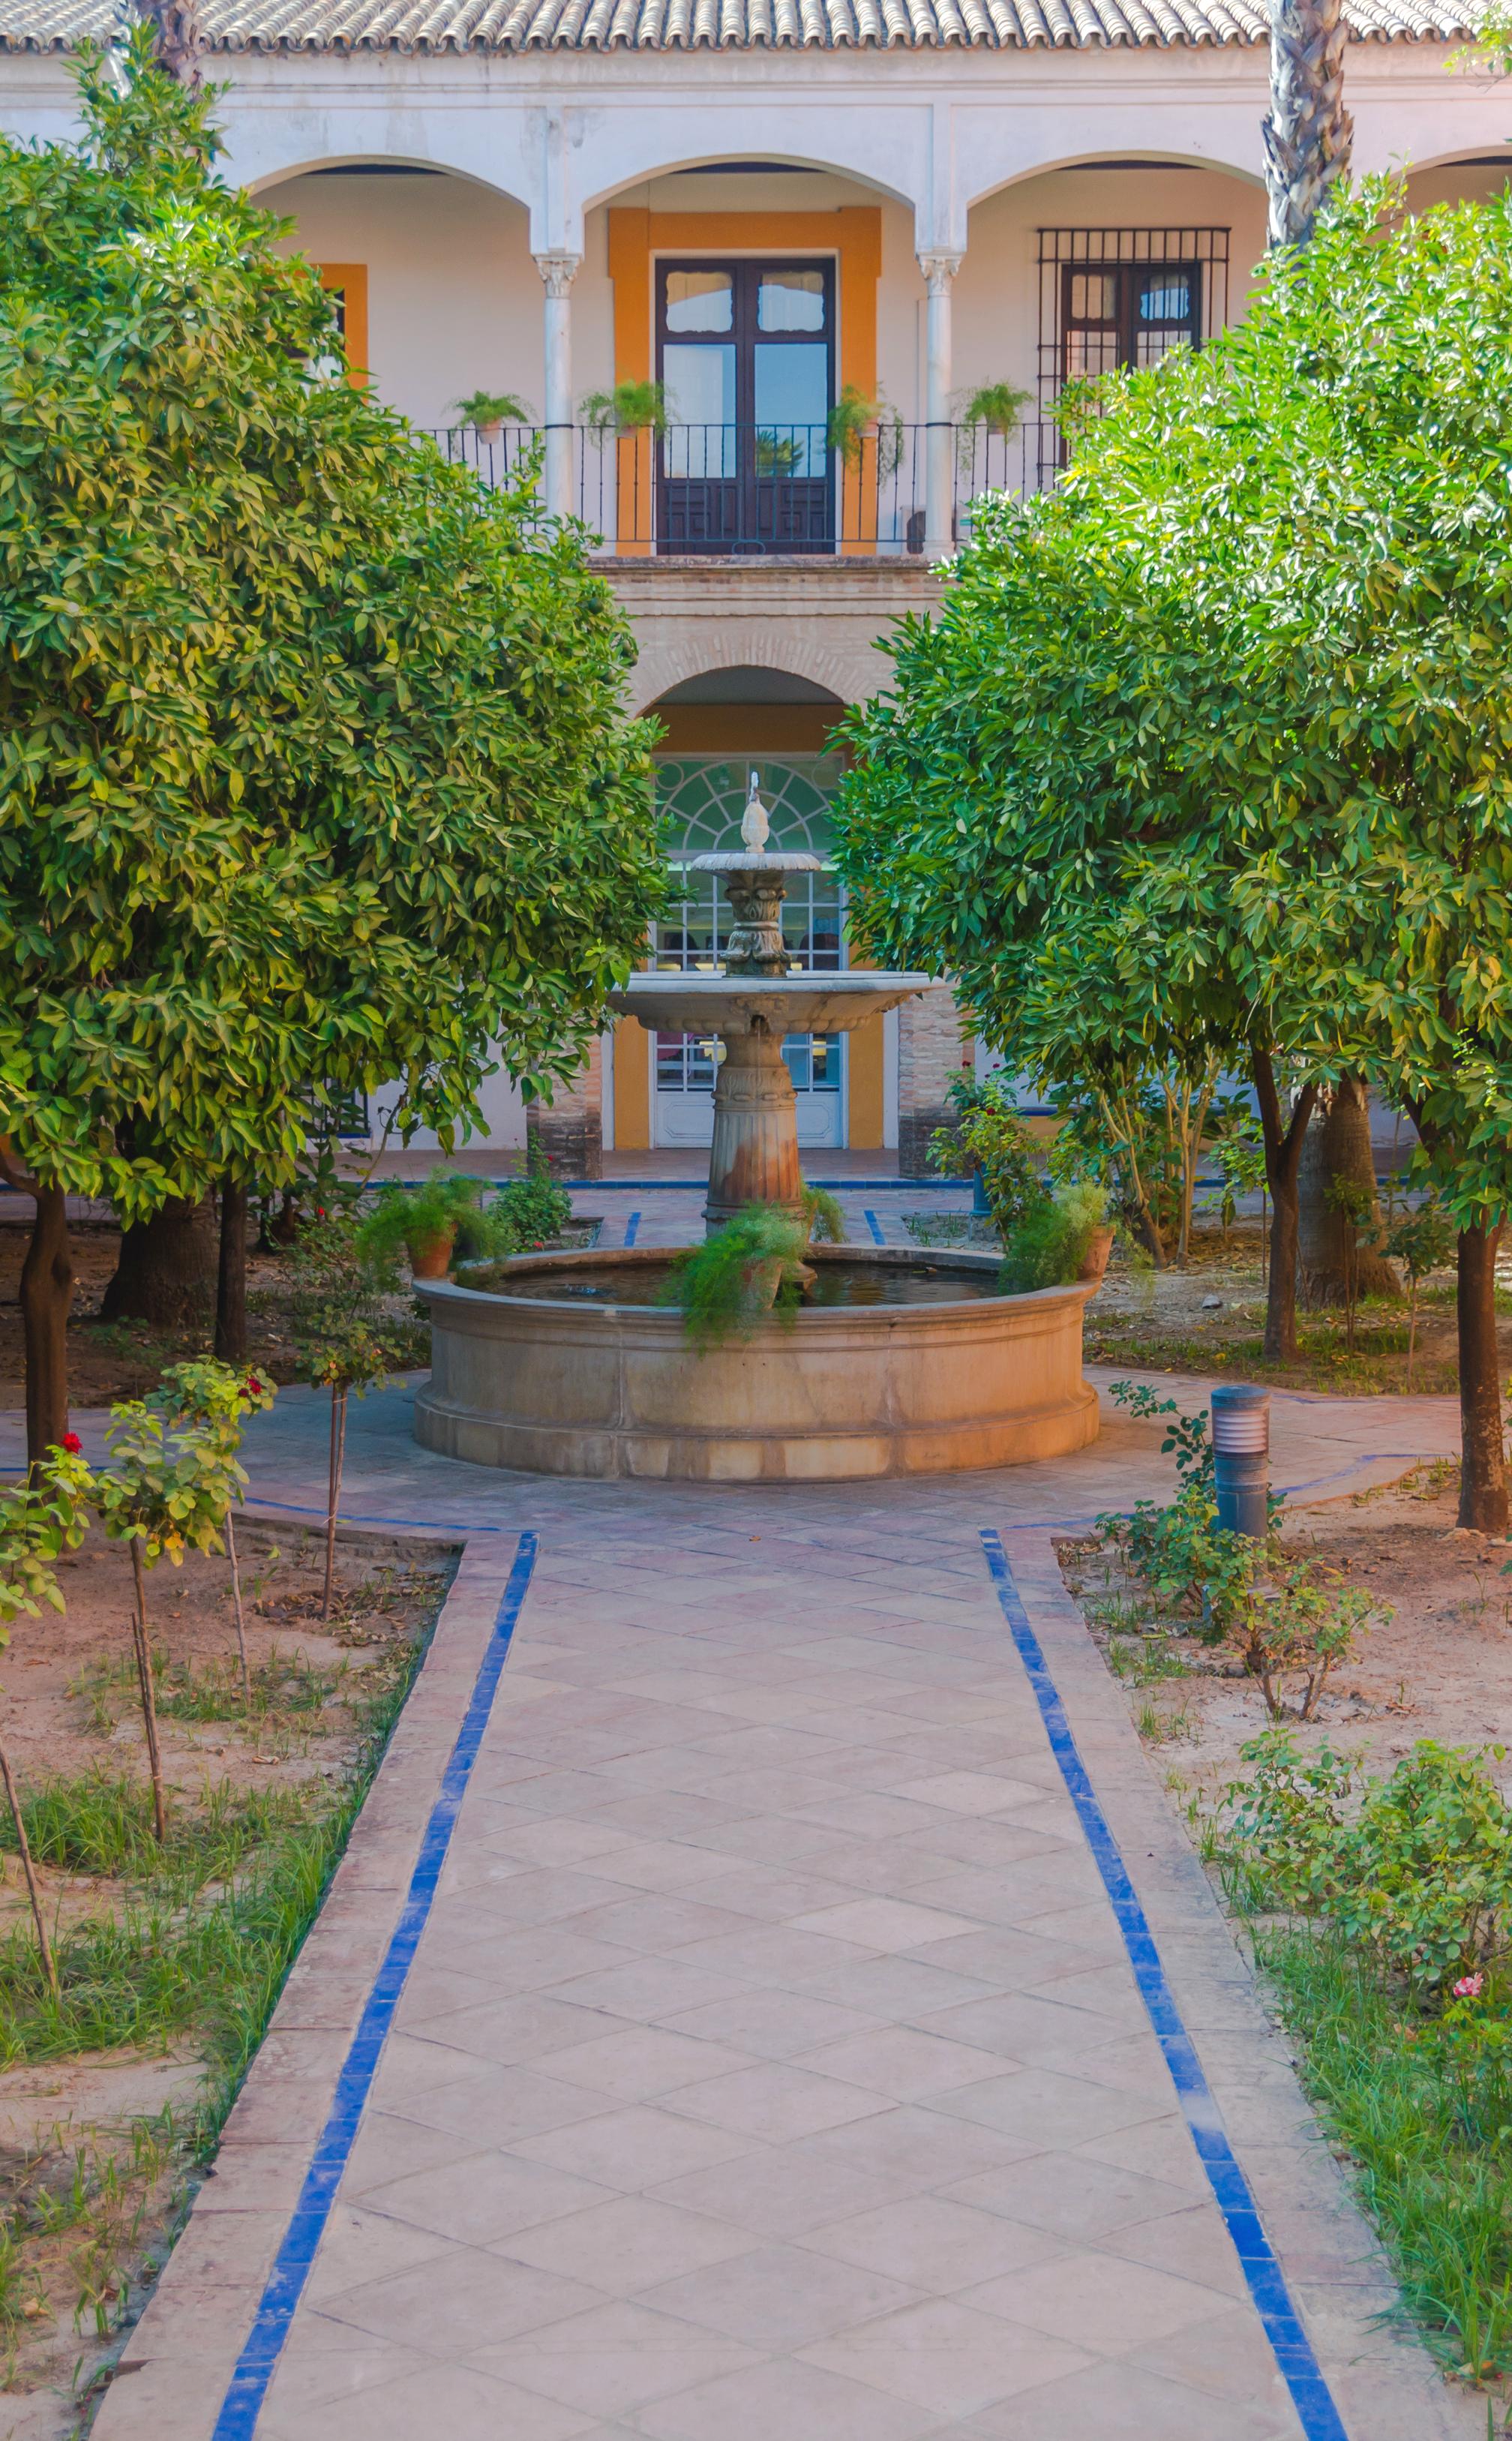 File:Fountain Gardens Alcazar Seville Andalusia Spain